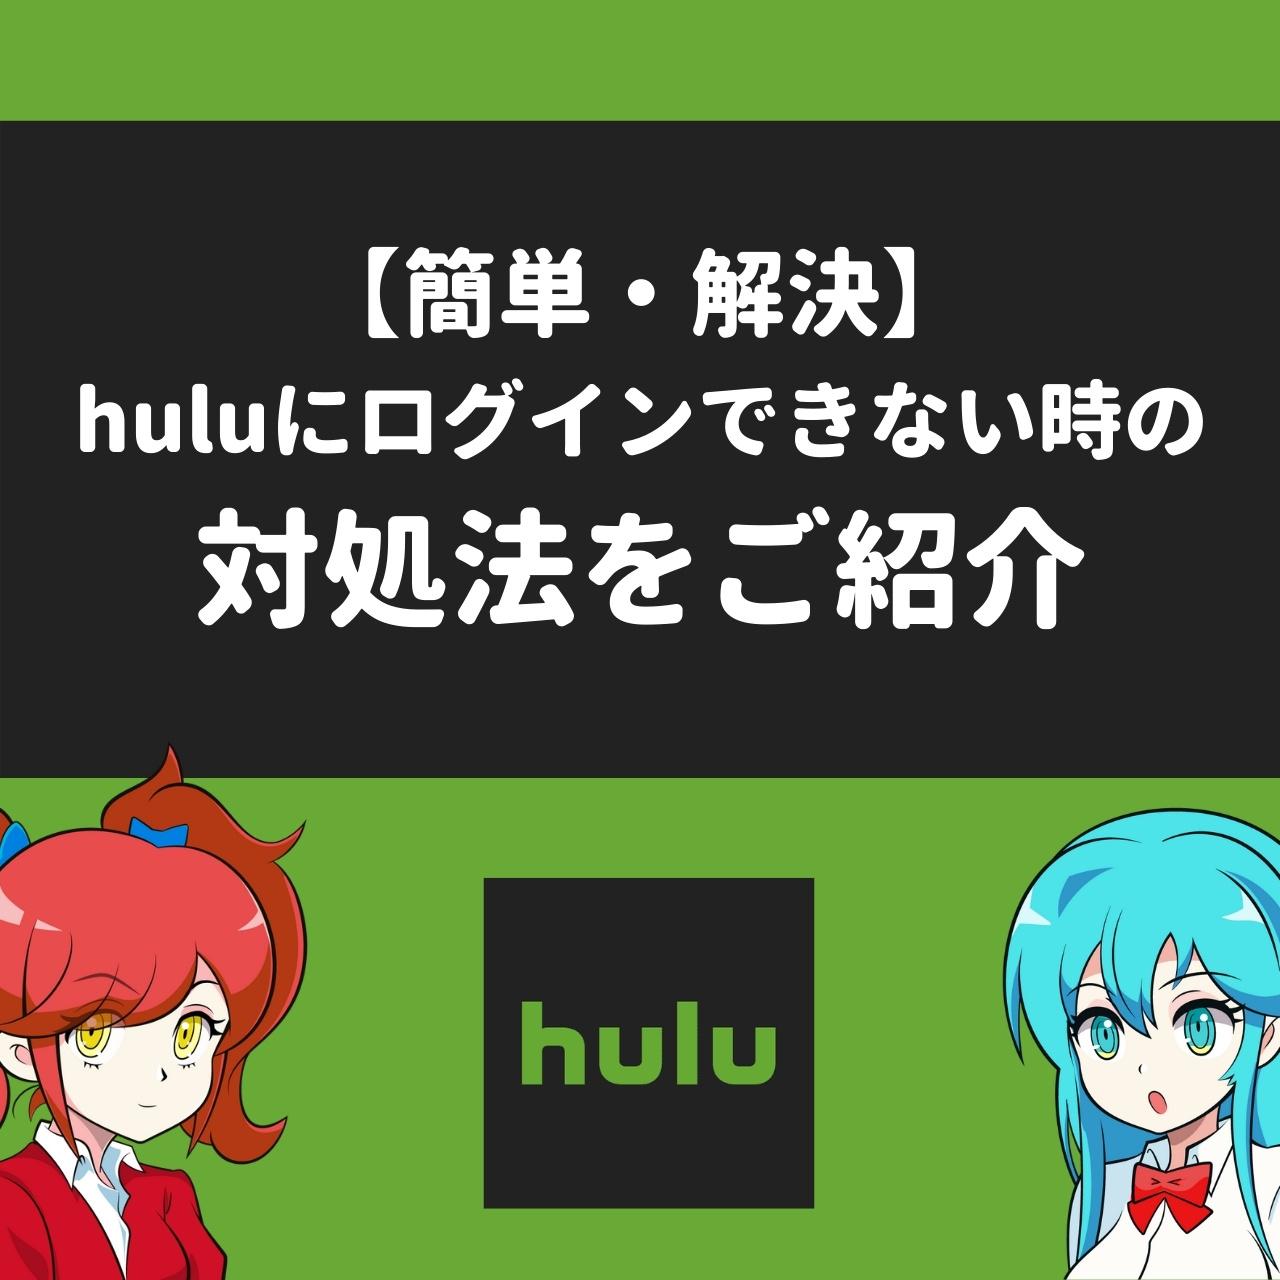 【簡単・解決】huluにログインできない時の対処法をご紹介